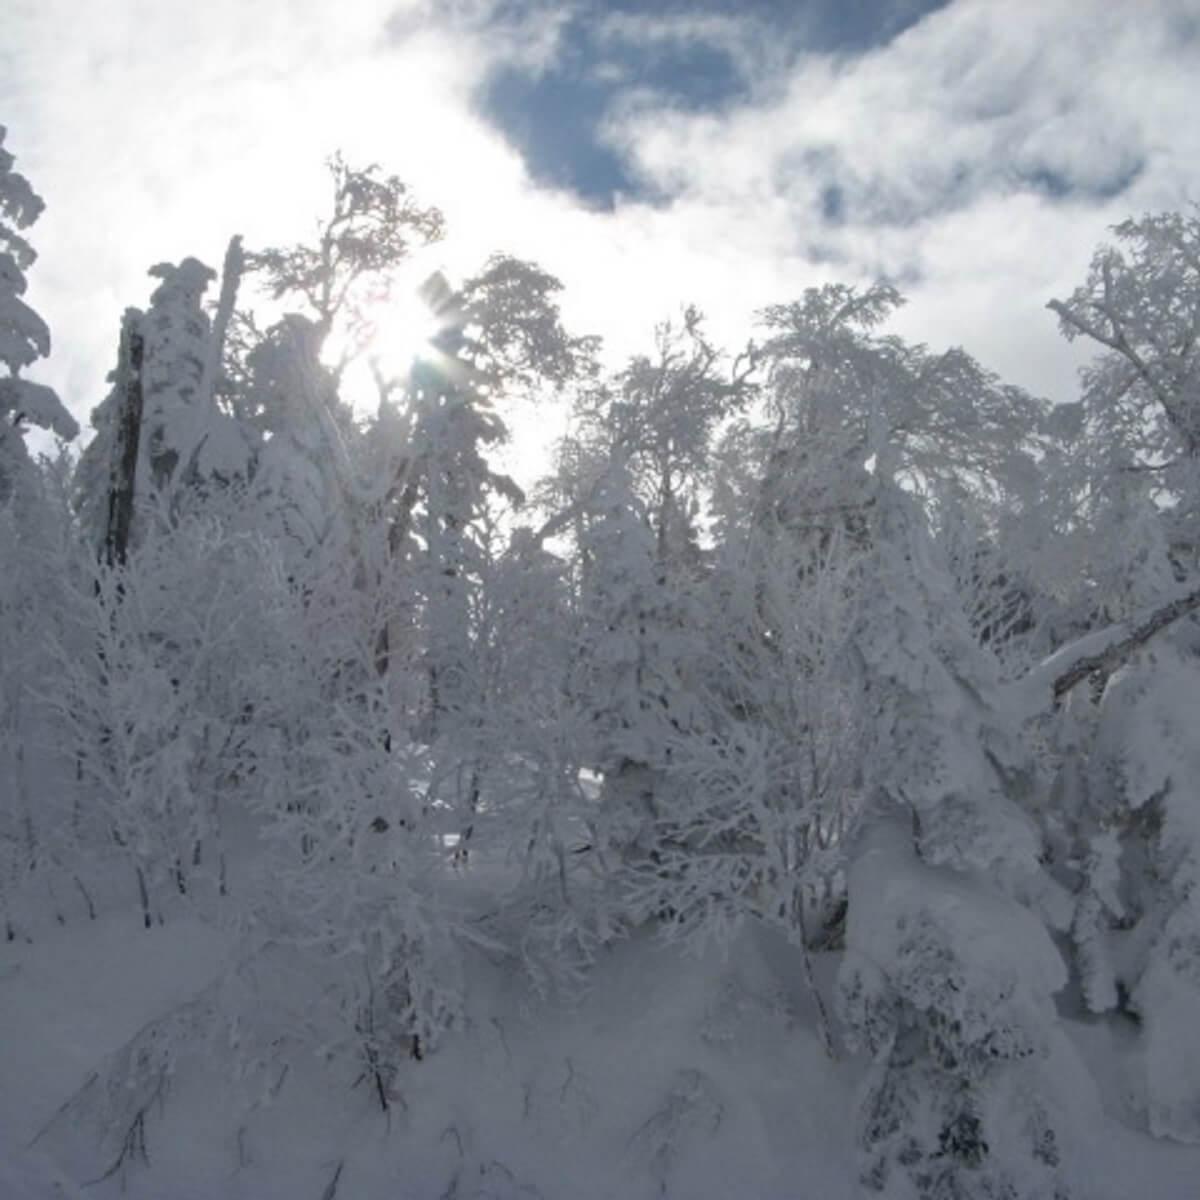 木に雪が積もっている様子。